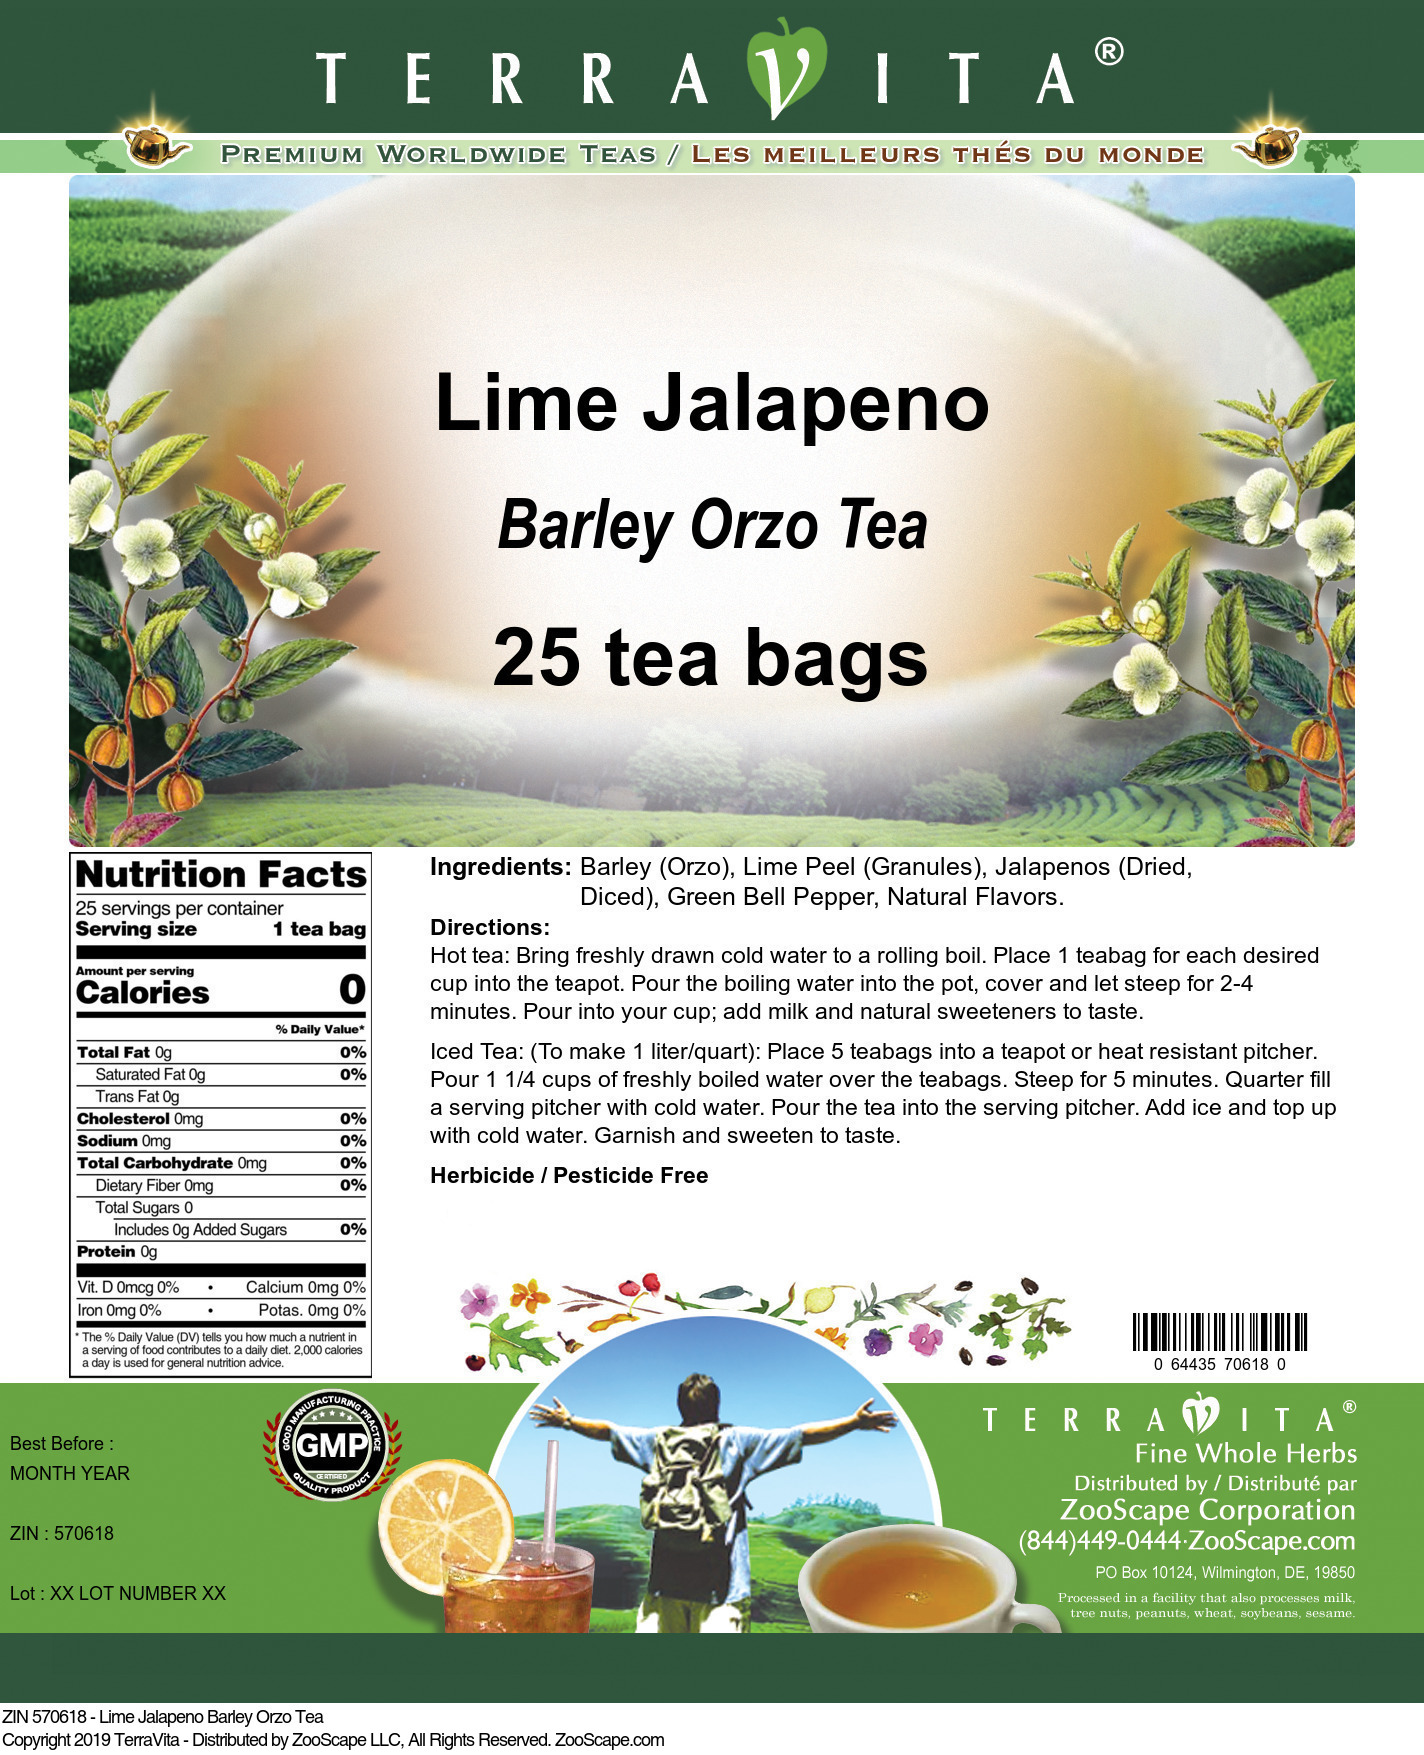 Lime Jalapeno Barley Orzo